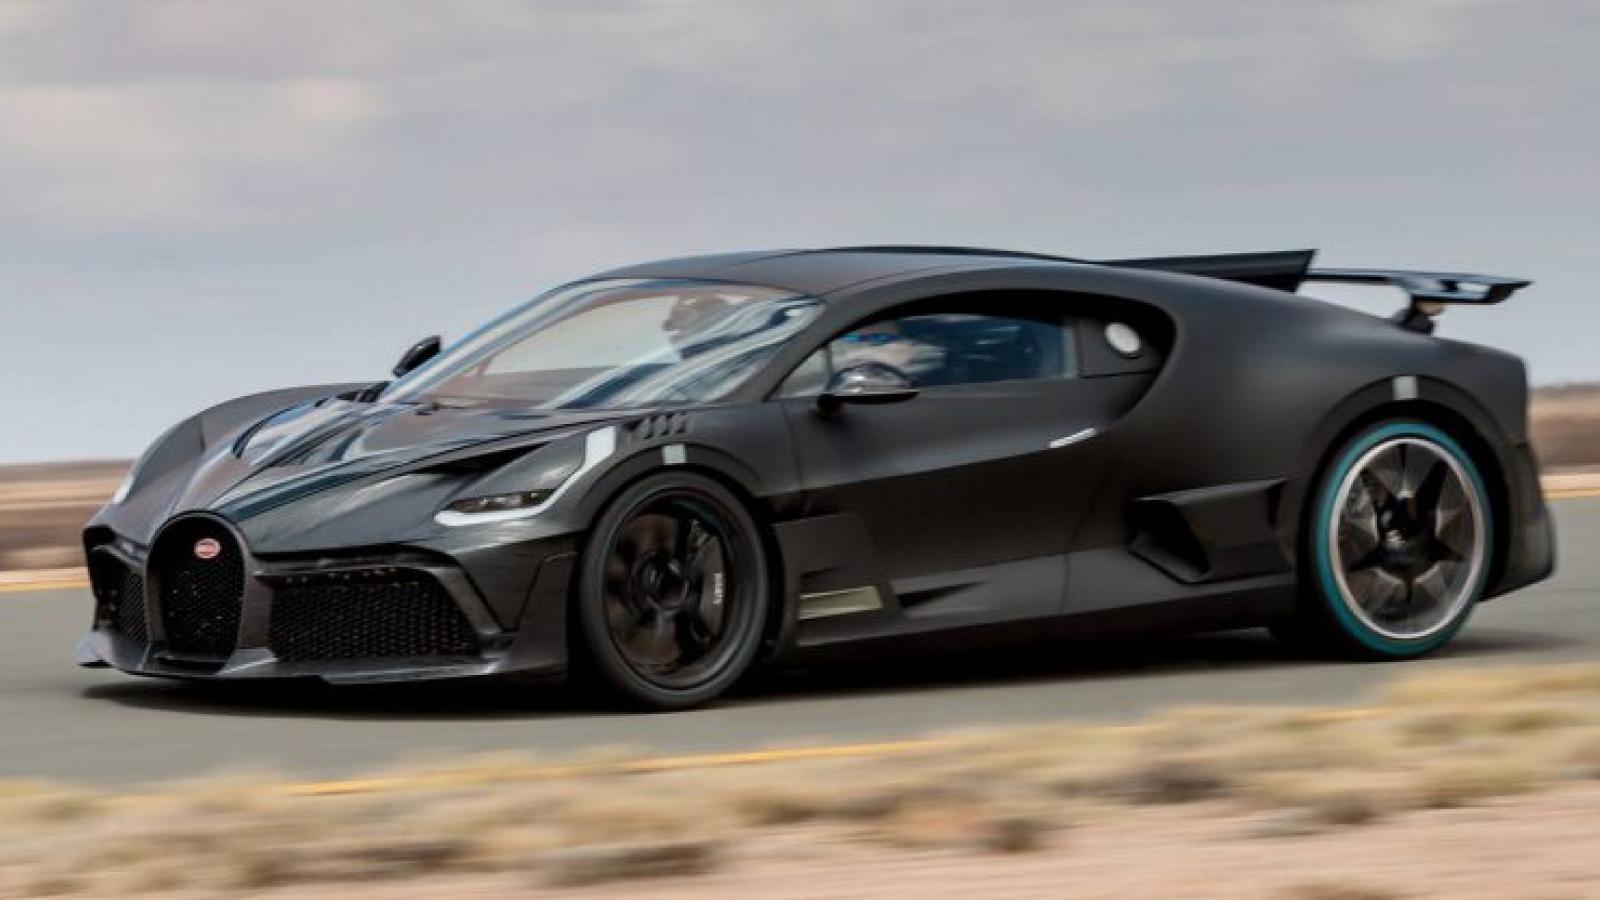 Bắt gặp Bugatti Divo hơn 5 triệu USD tại trường đua Nurburgring